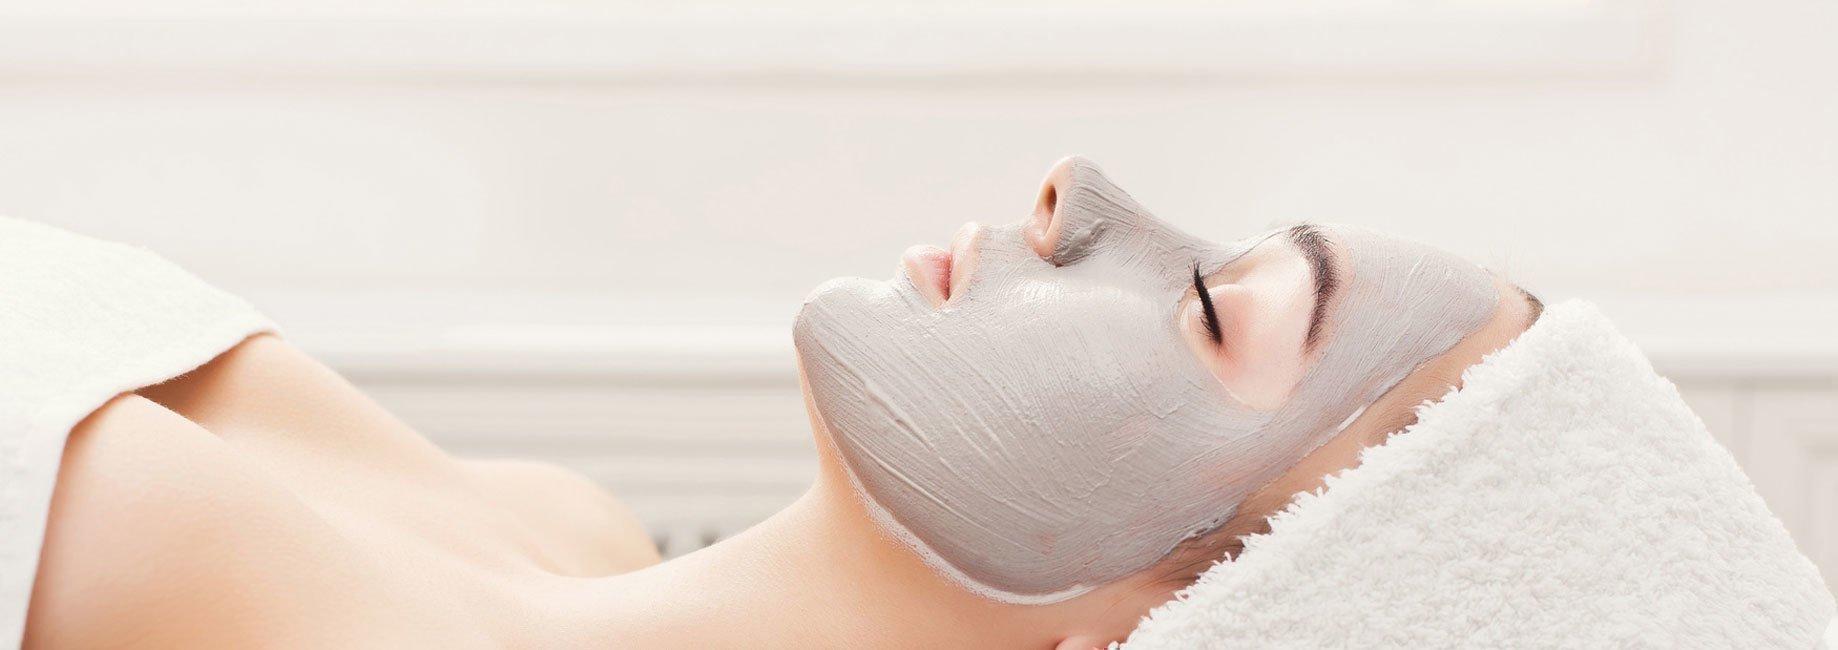 Gesichtbehandlung im Kosmetikstudio Zürich